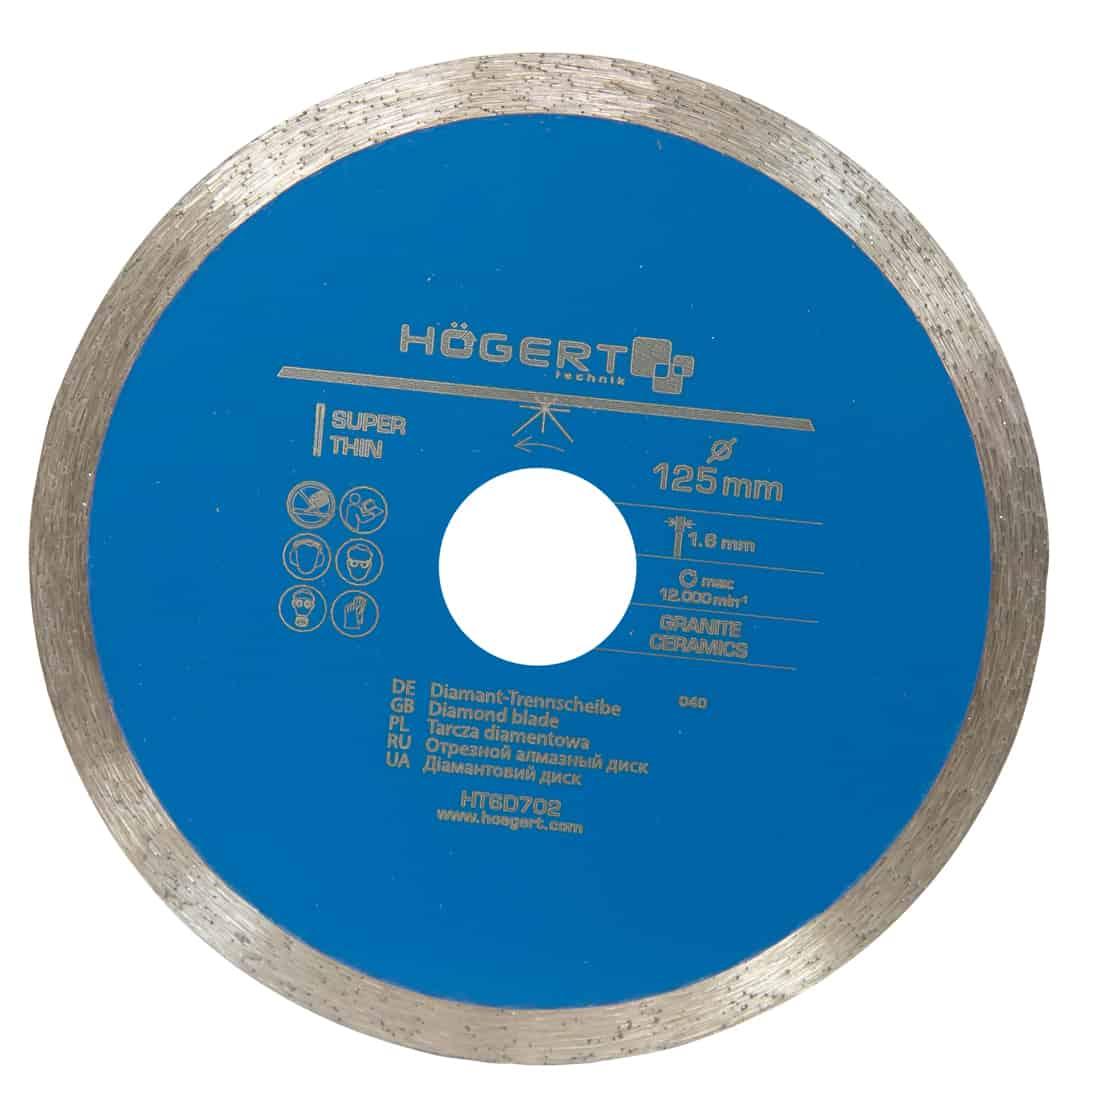 HogertTechnik_HT6D702_tarcz_diam-1